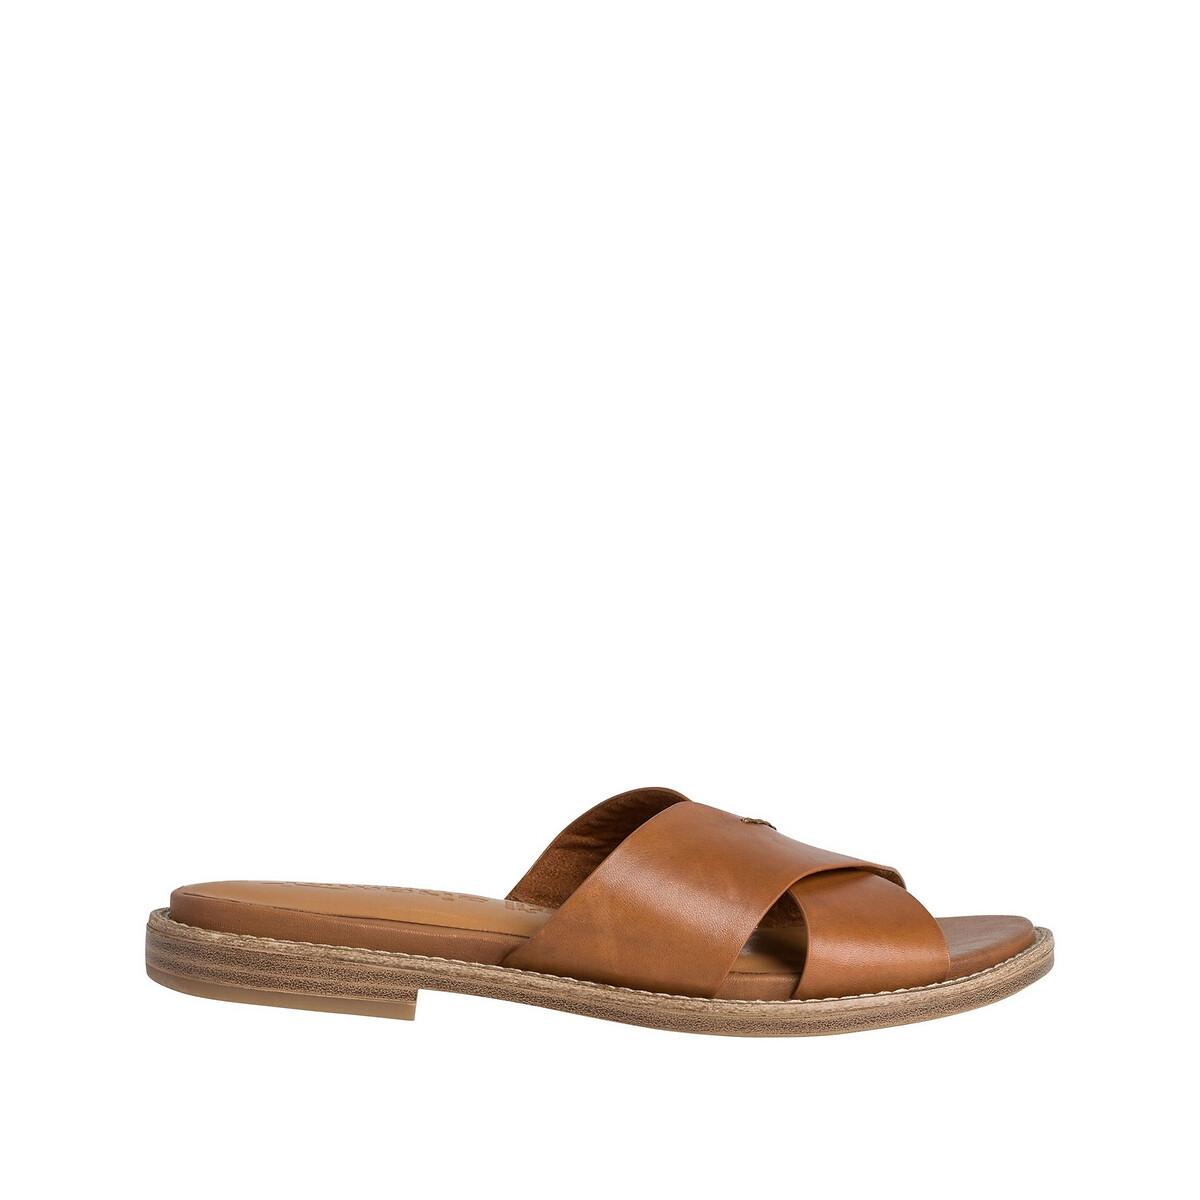 Туфли LaRedoute Без задника из кожи Dahlia 36 каштановый туфли без задника boite